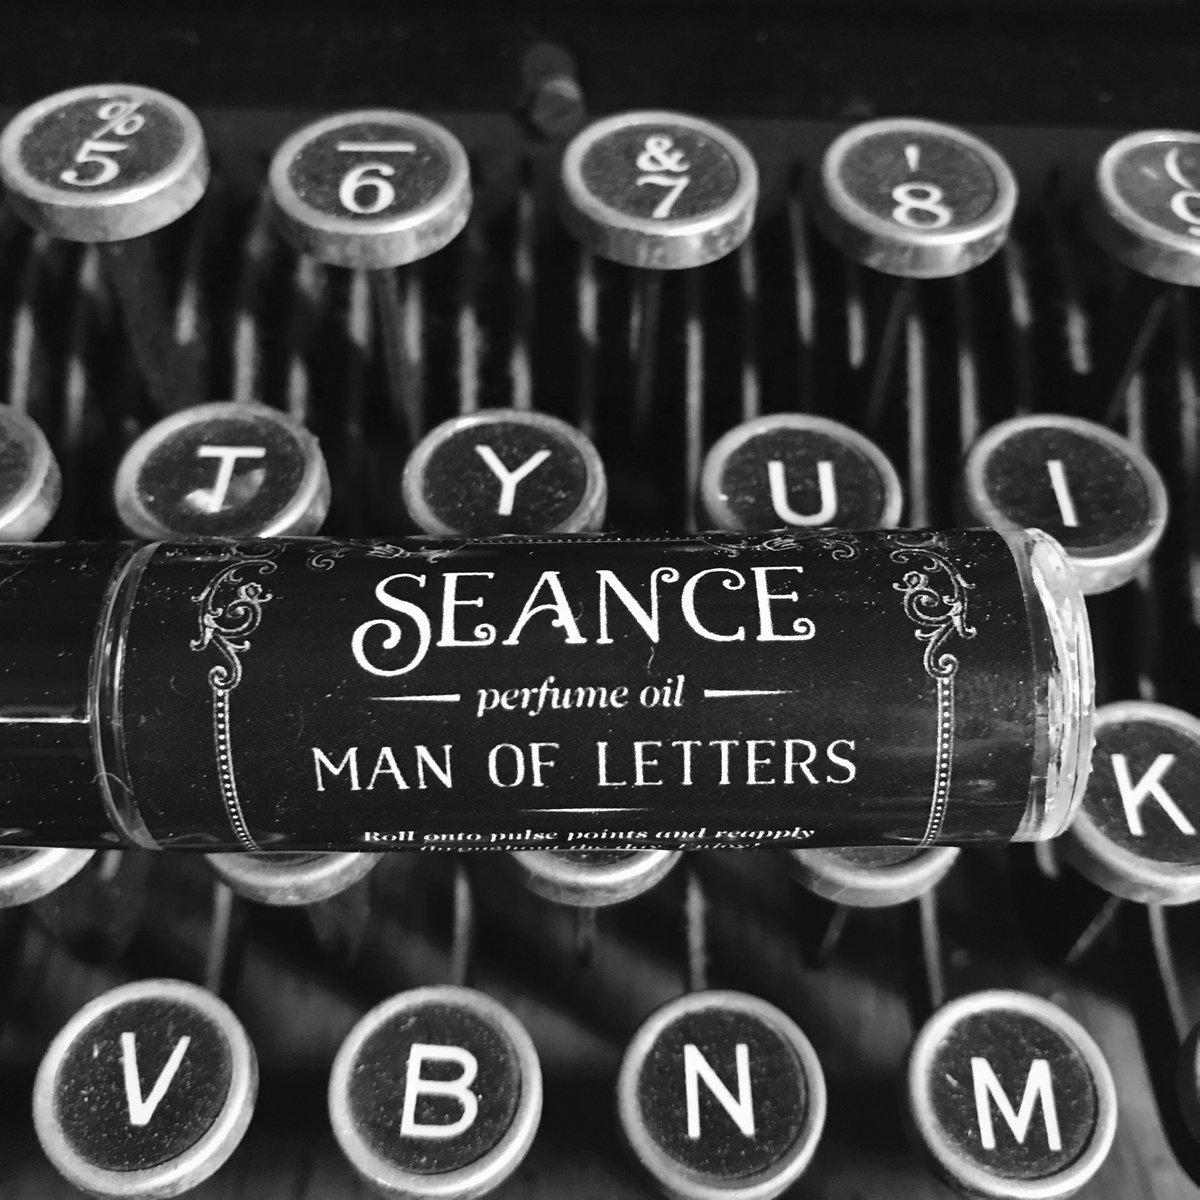 man-of-letters-pefume-oil.jpg